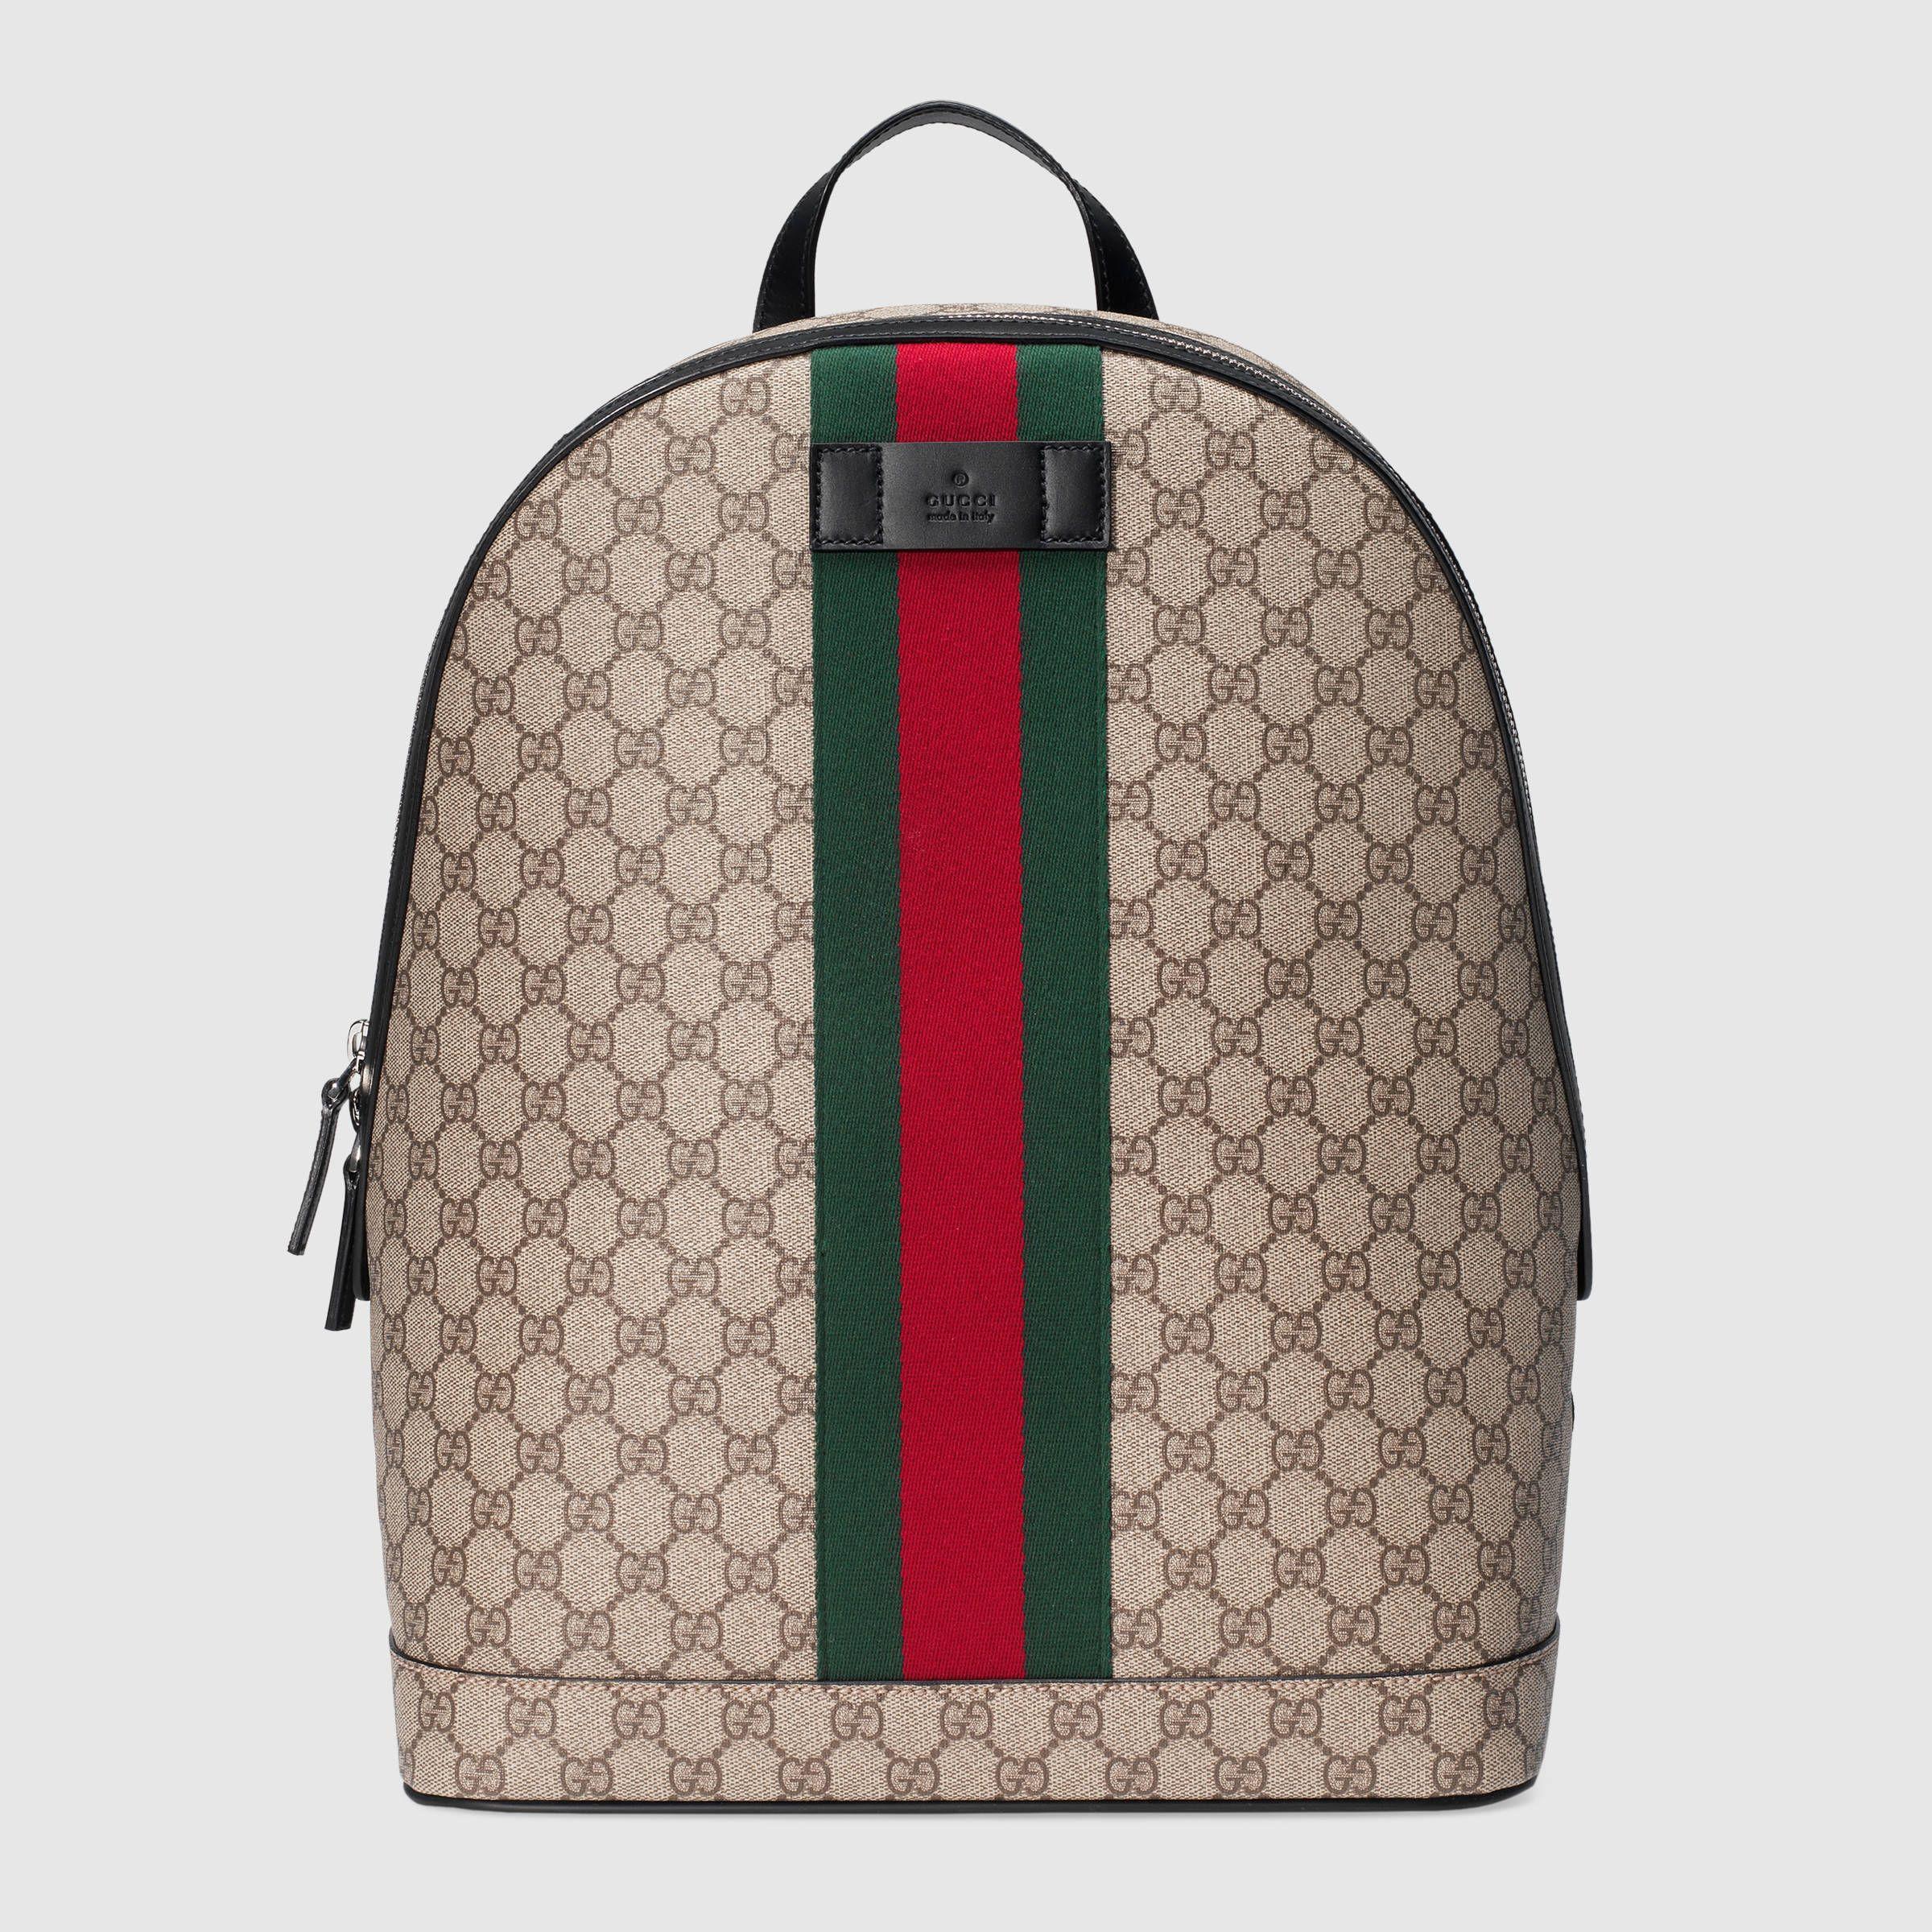 Sac à dos en toile Suprême GG avec ruban Web   Accessoire   Gucci ... fa6d3366674